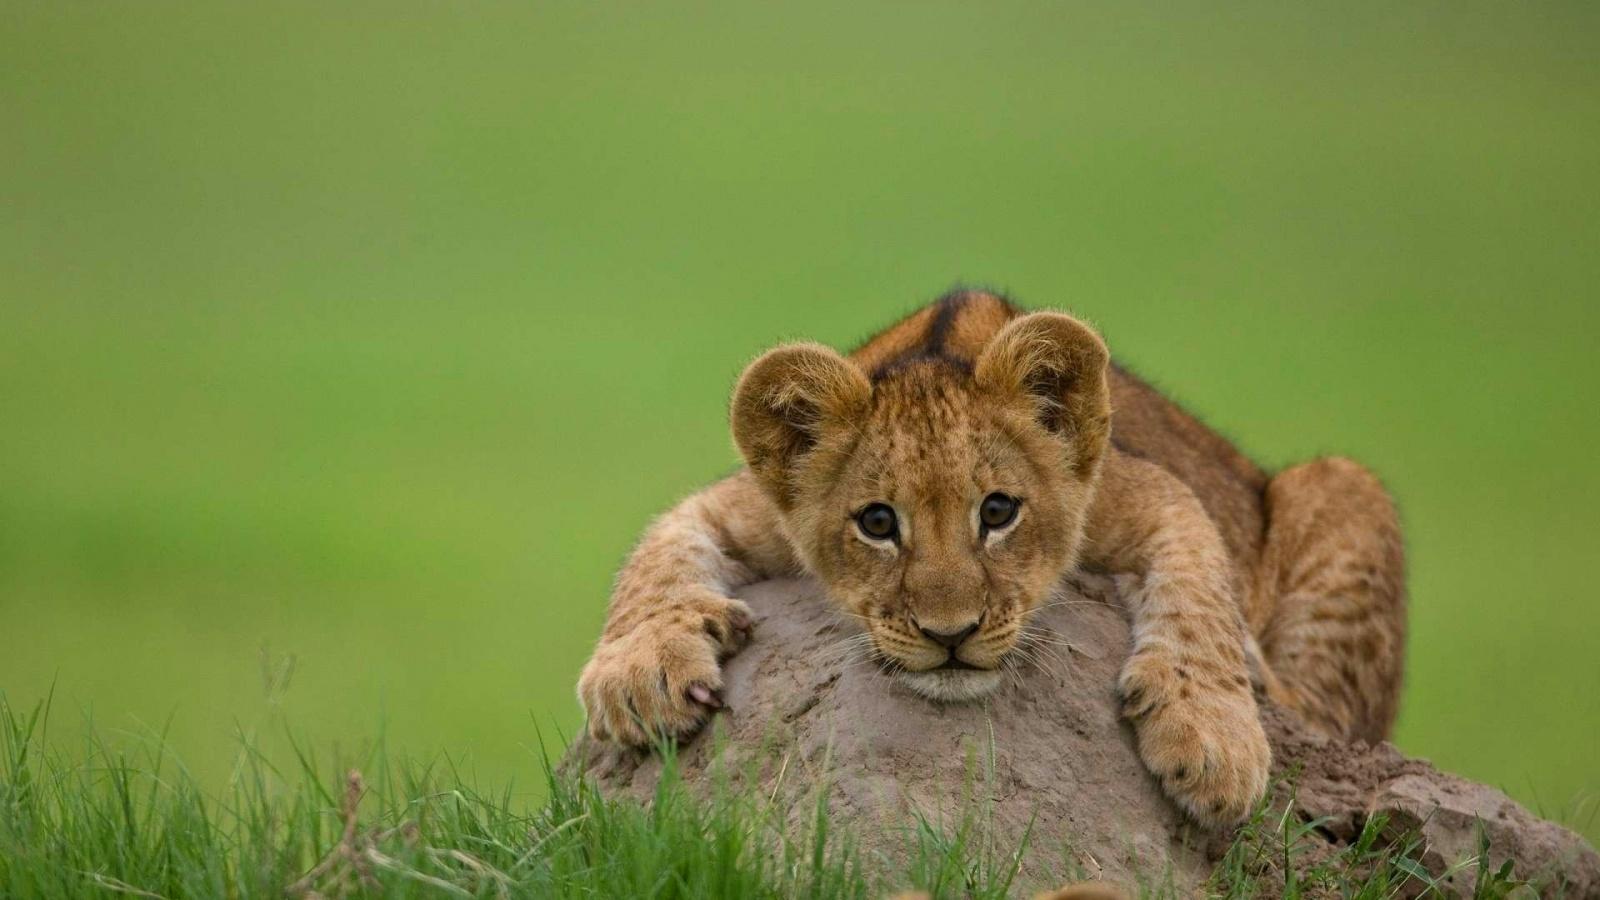 Lion cub hd